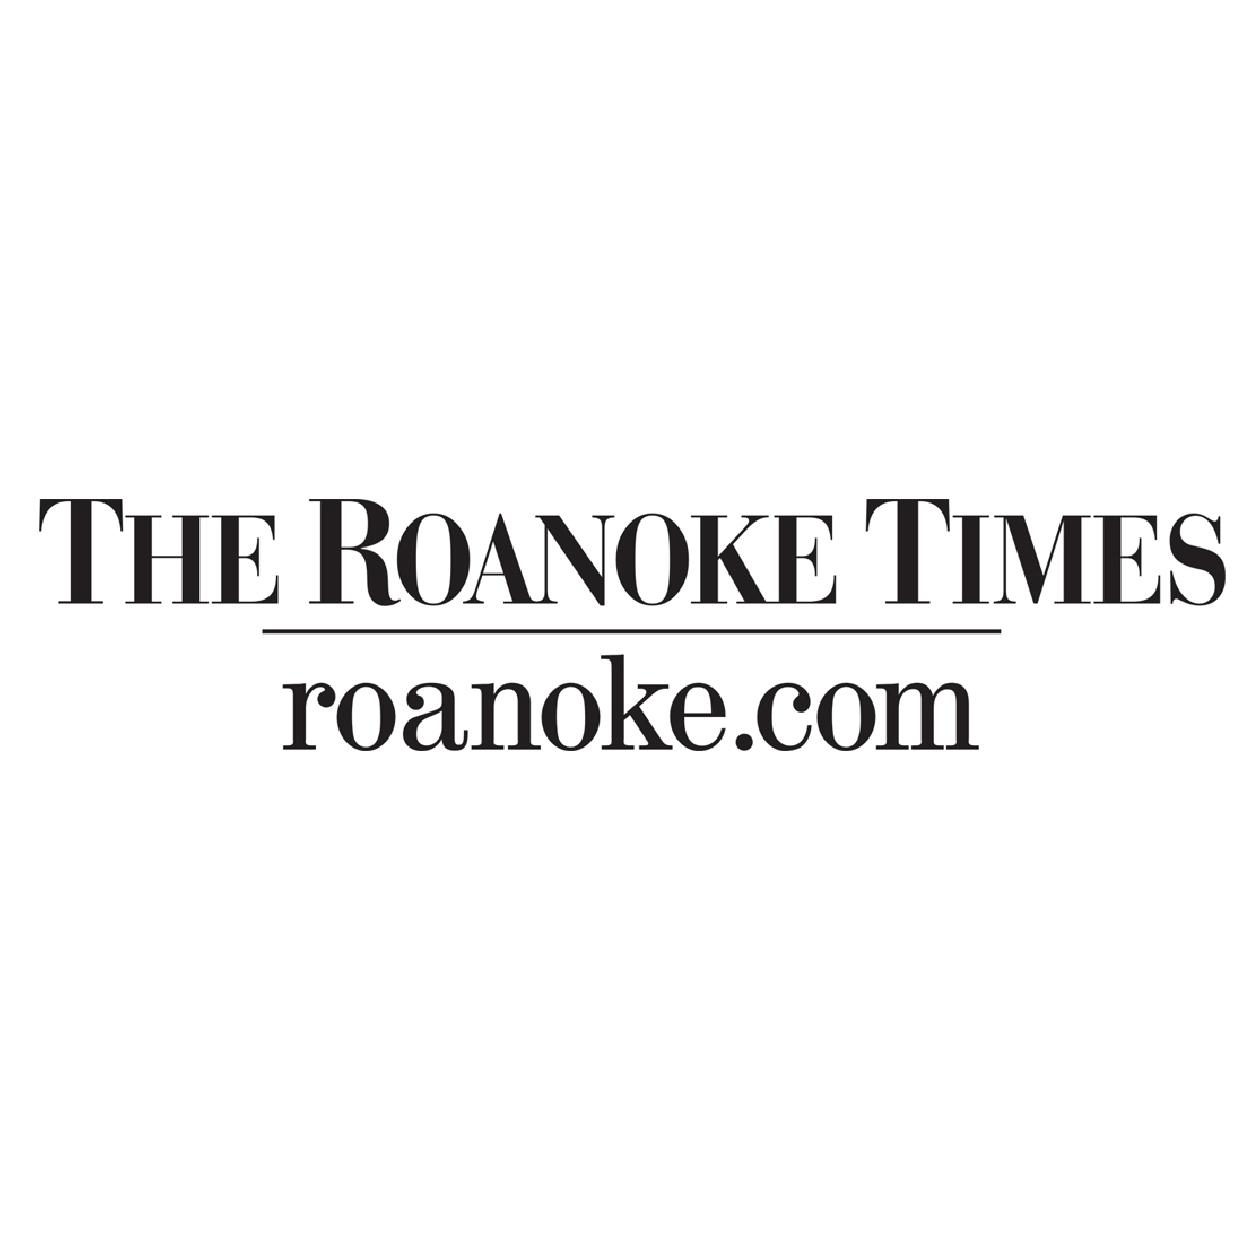 the-roanoke-times-logo-square-for-website.jpg